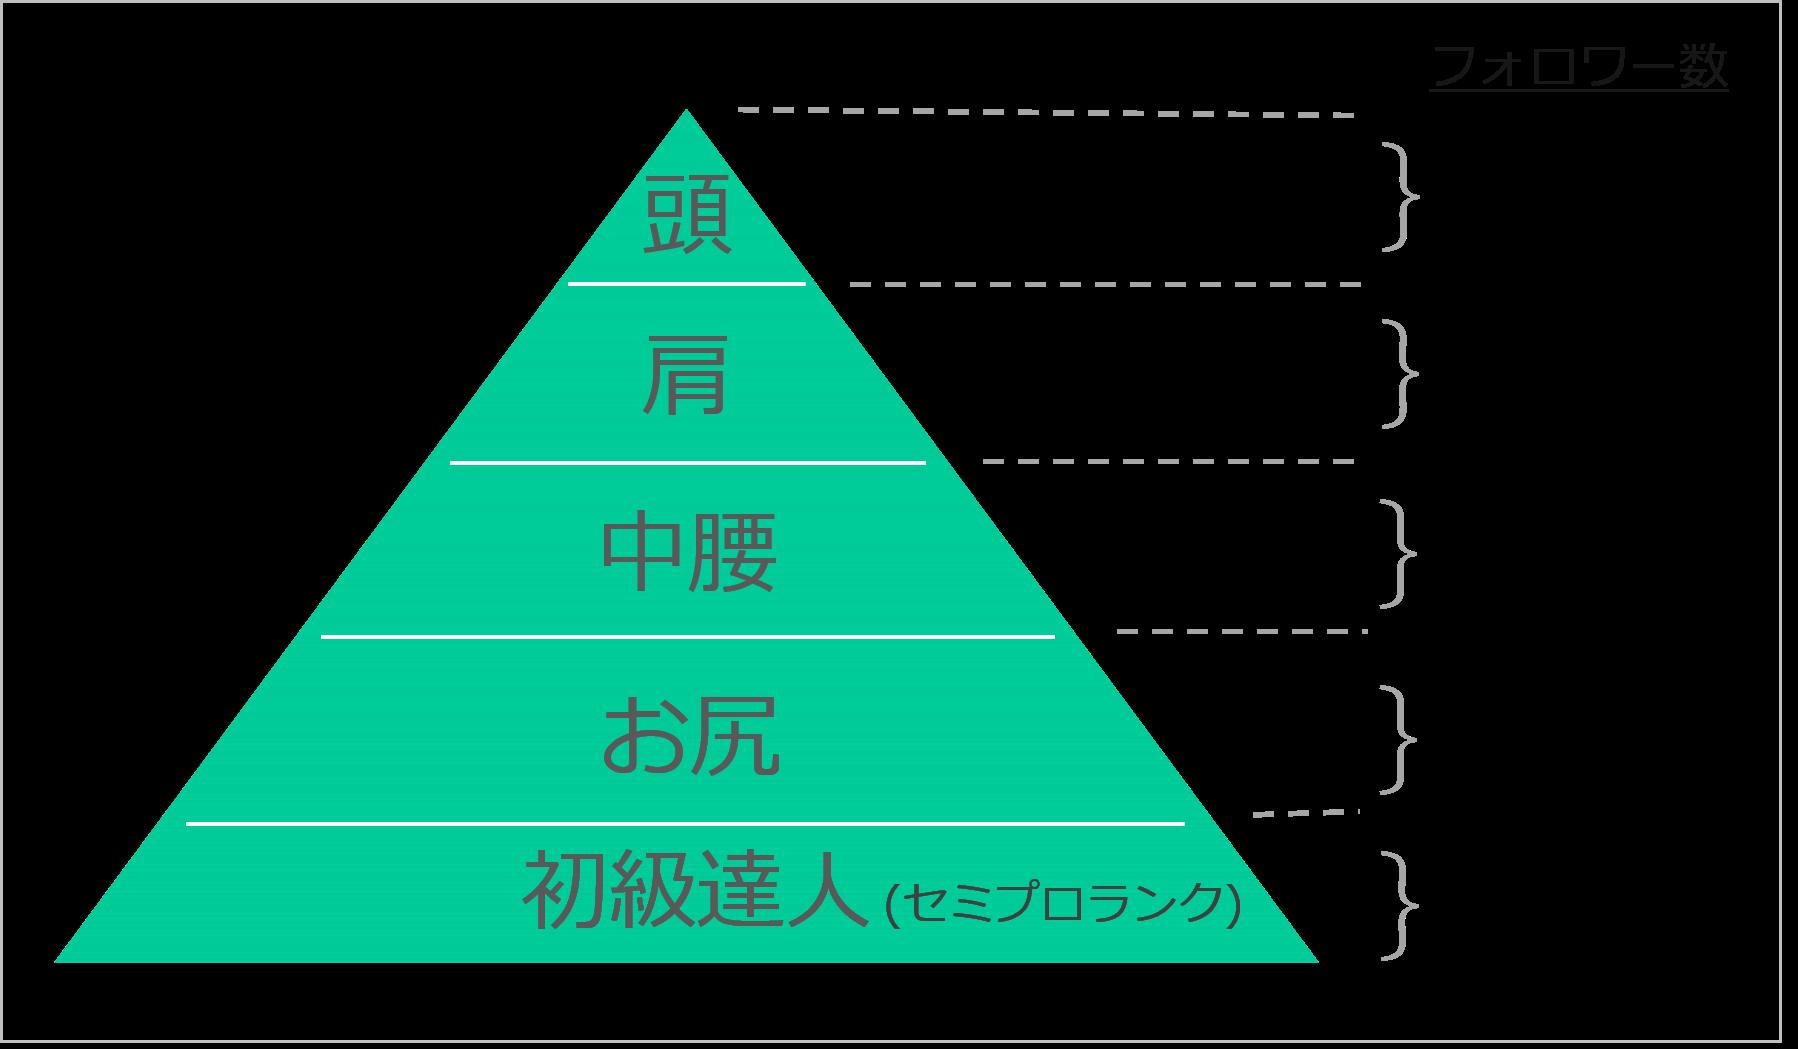 KOLの分布